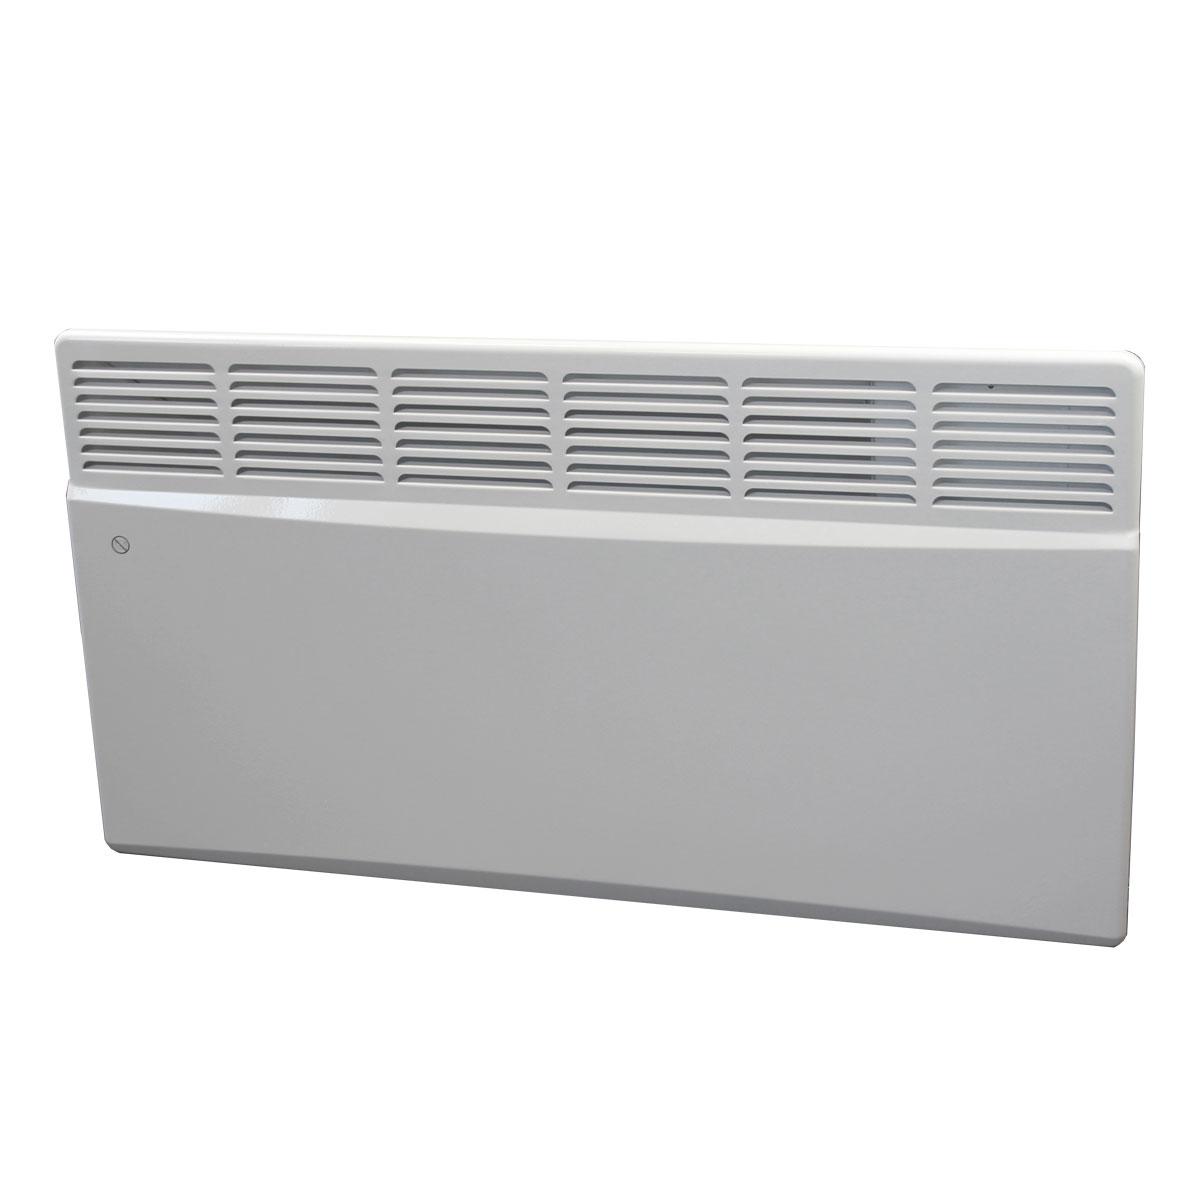 Container-Heizer / Elektroheizer / Wandkonvektor 2.000W